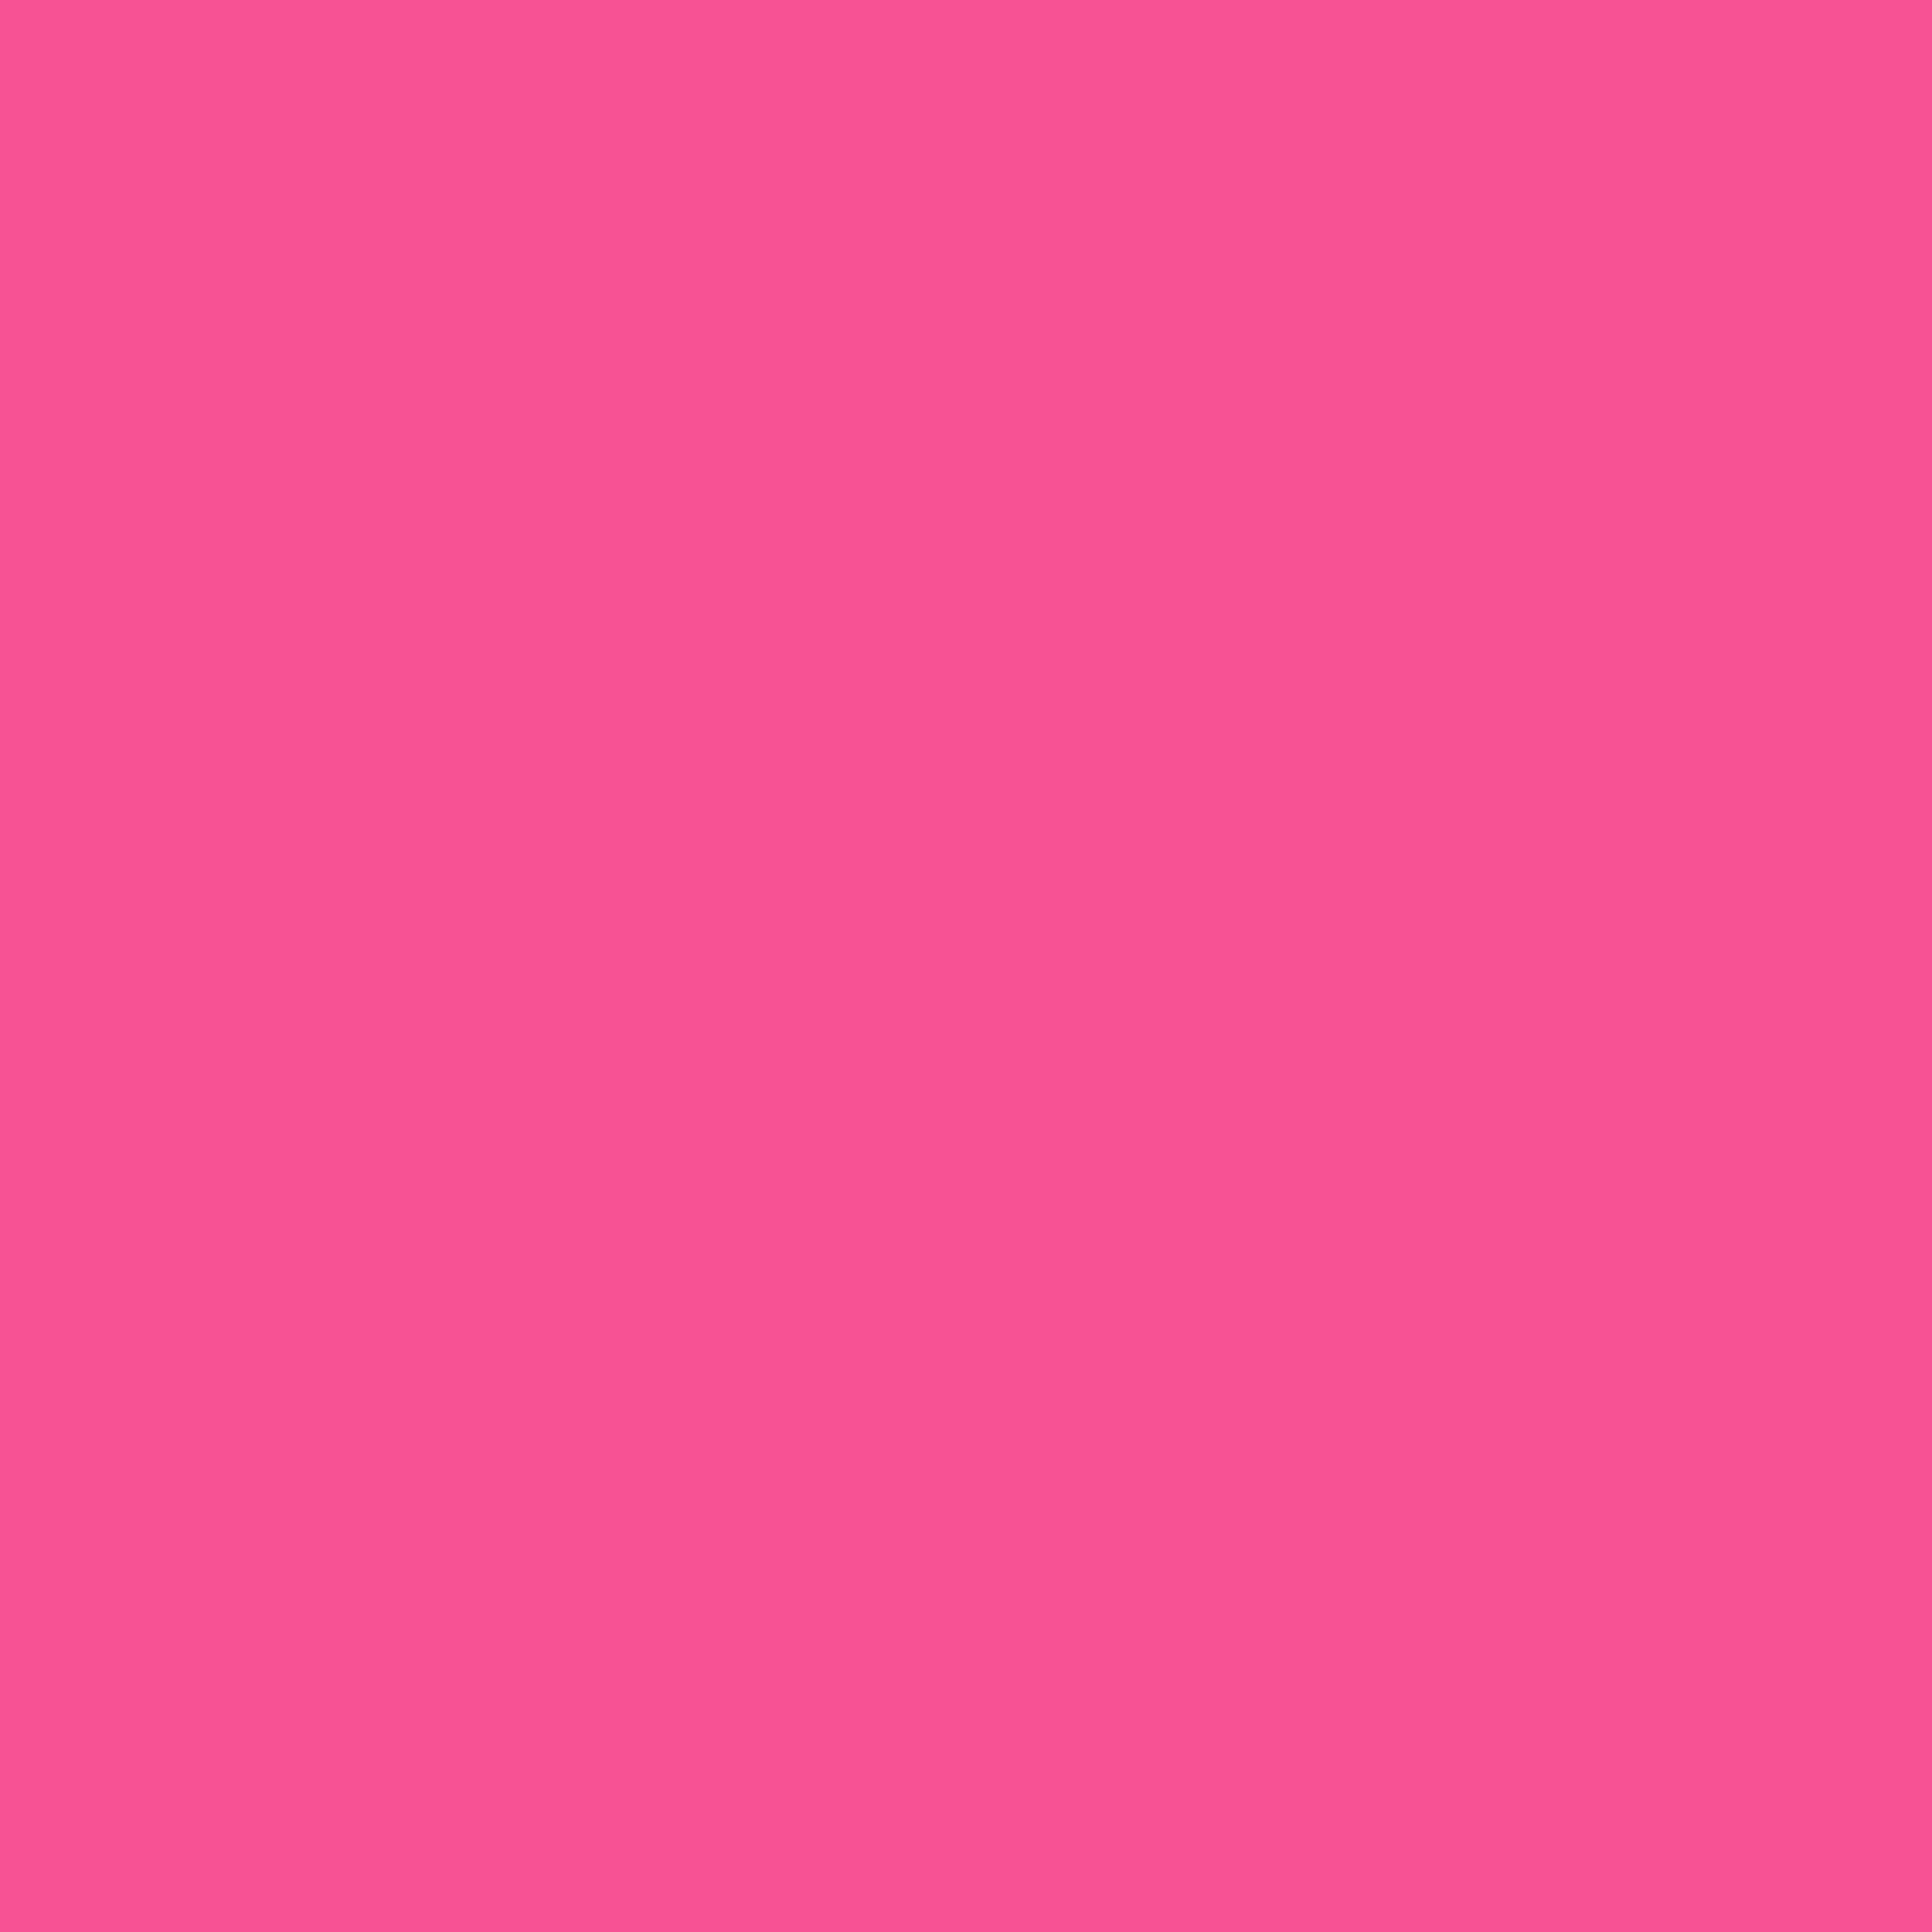 2732x2732 Violet-red Solid Color Background